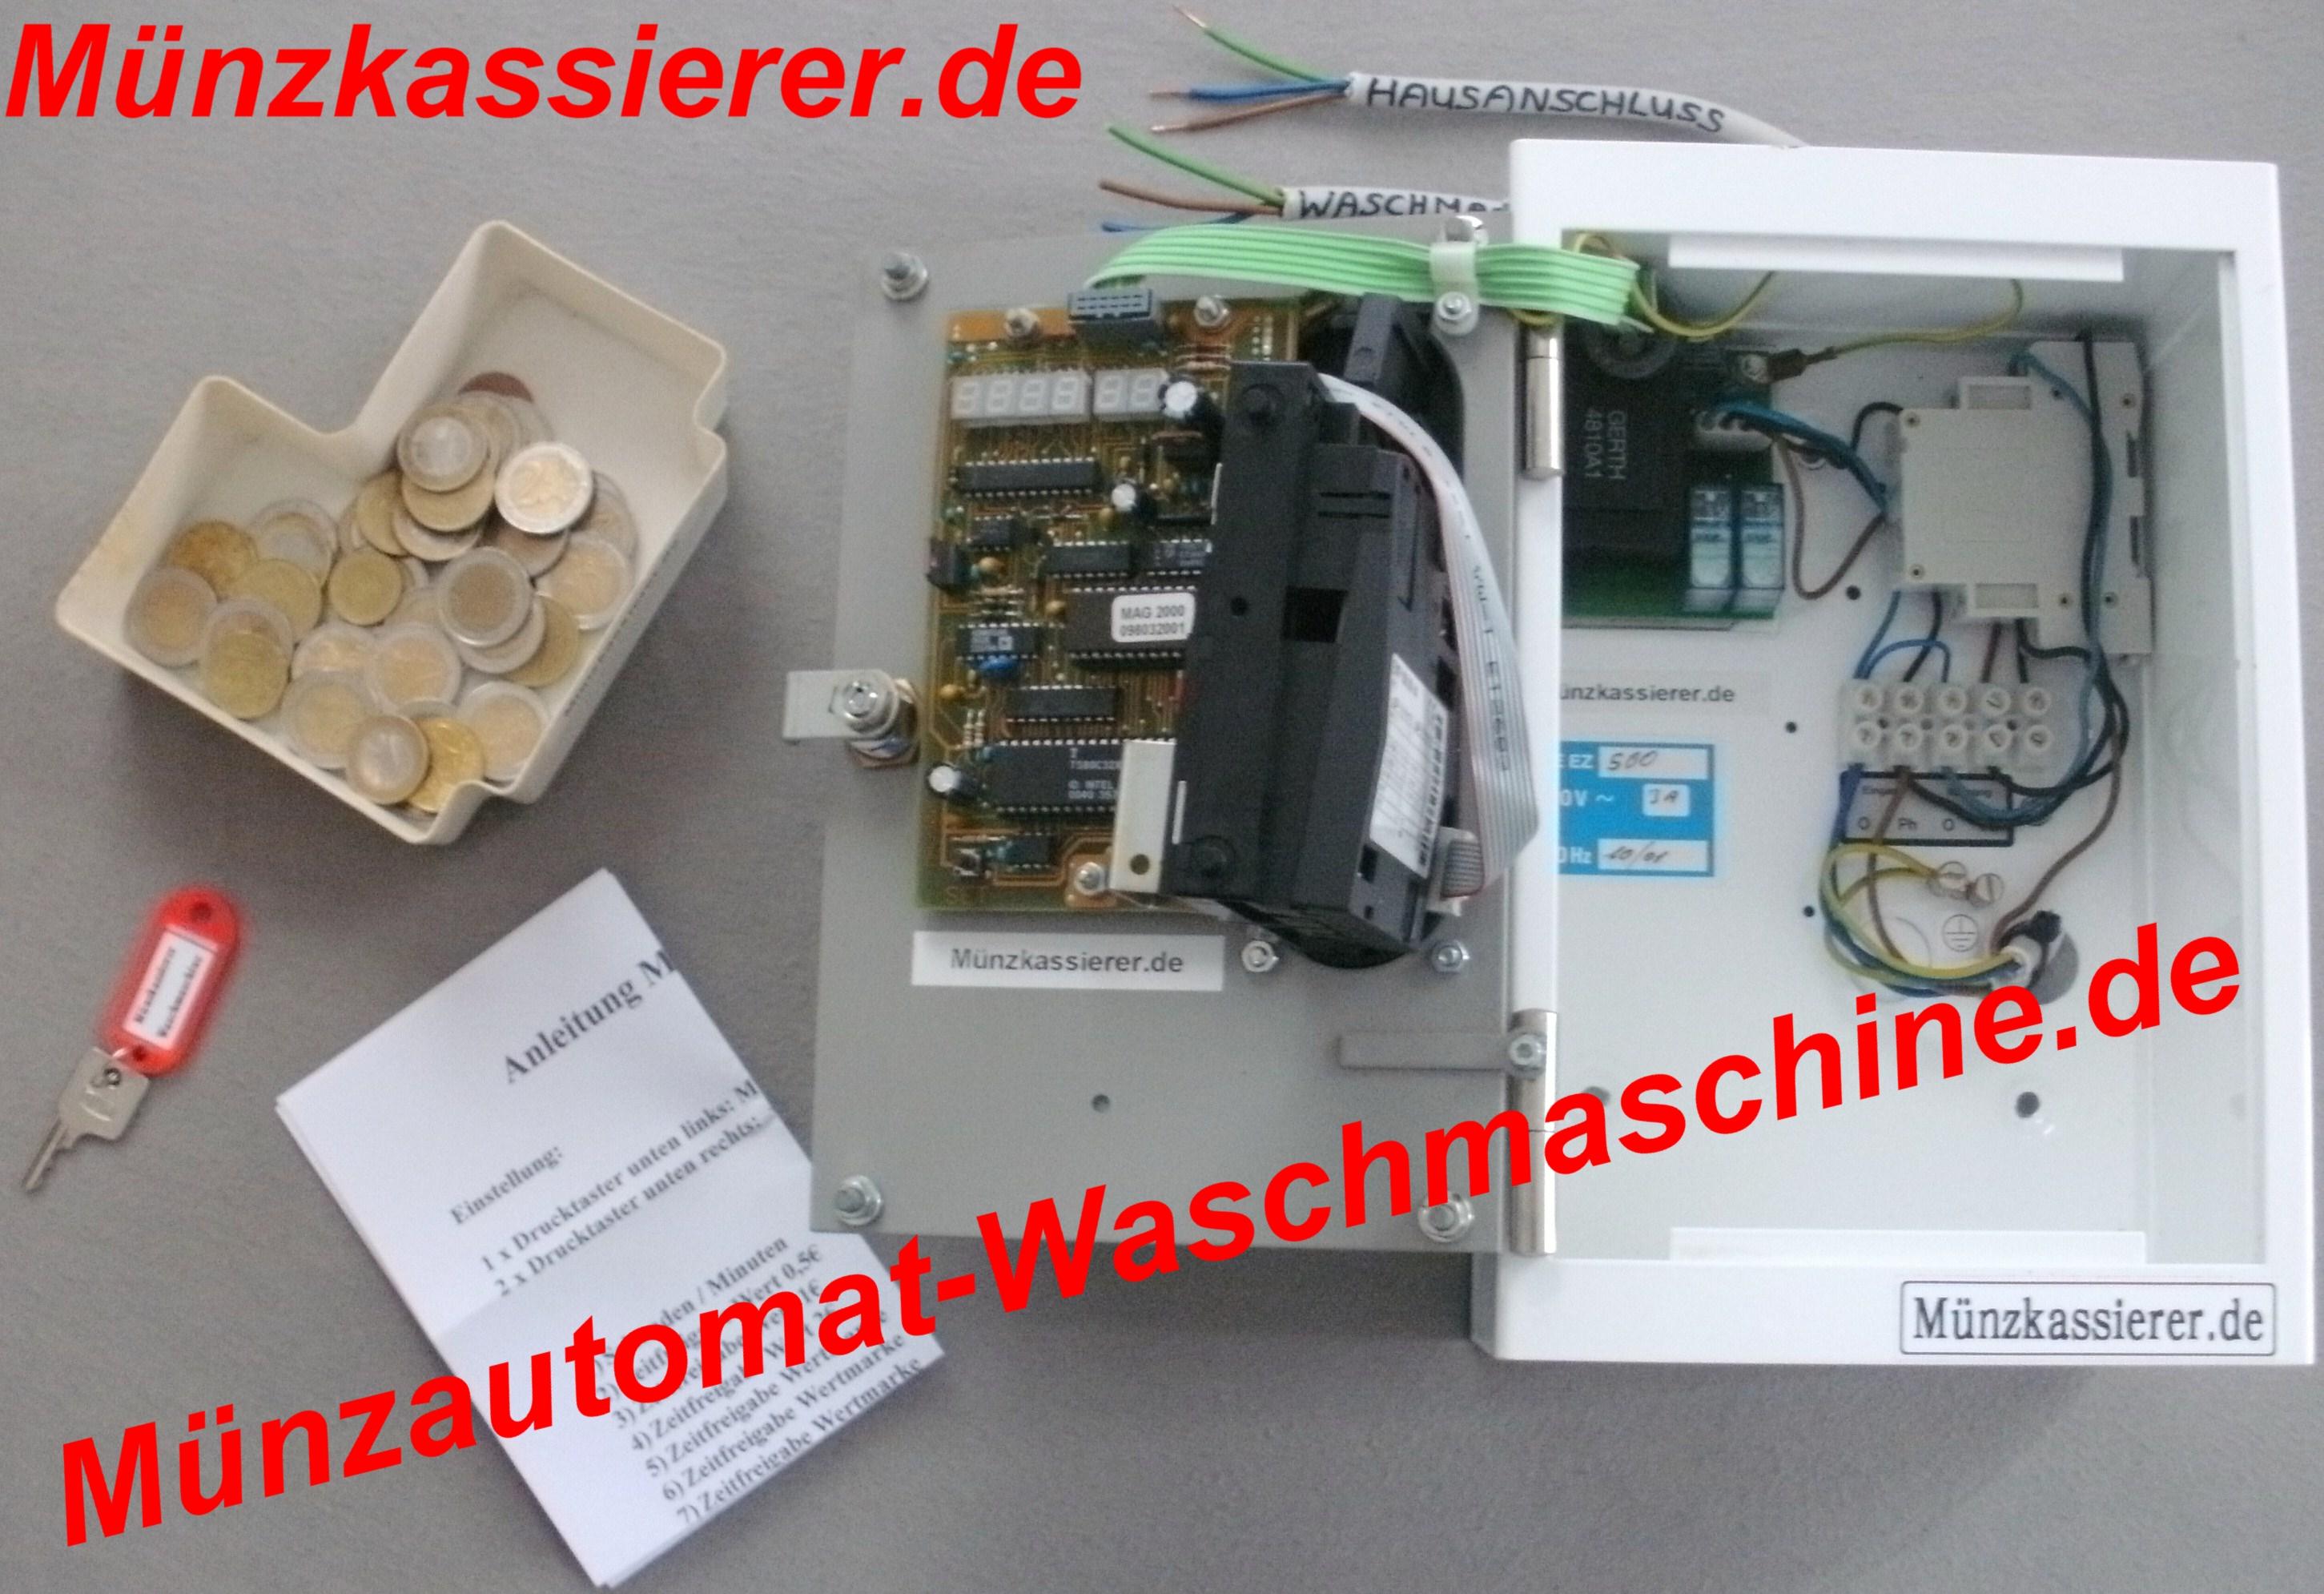 Münzautomat MAG EZ500 M-A-G EZ-500 Waschmaschine Münzautomat-Waschmaschine.de Kaufen